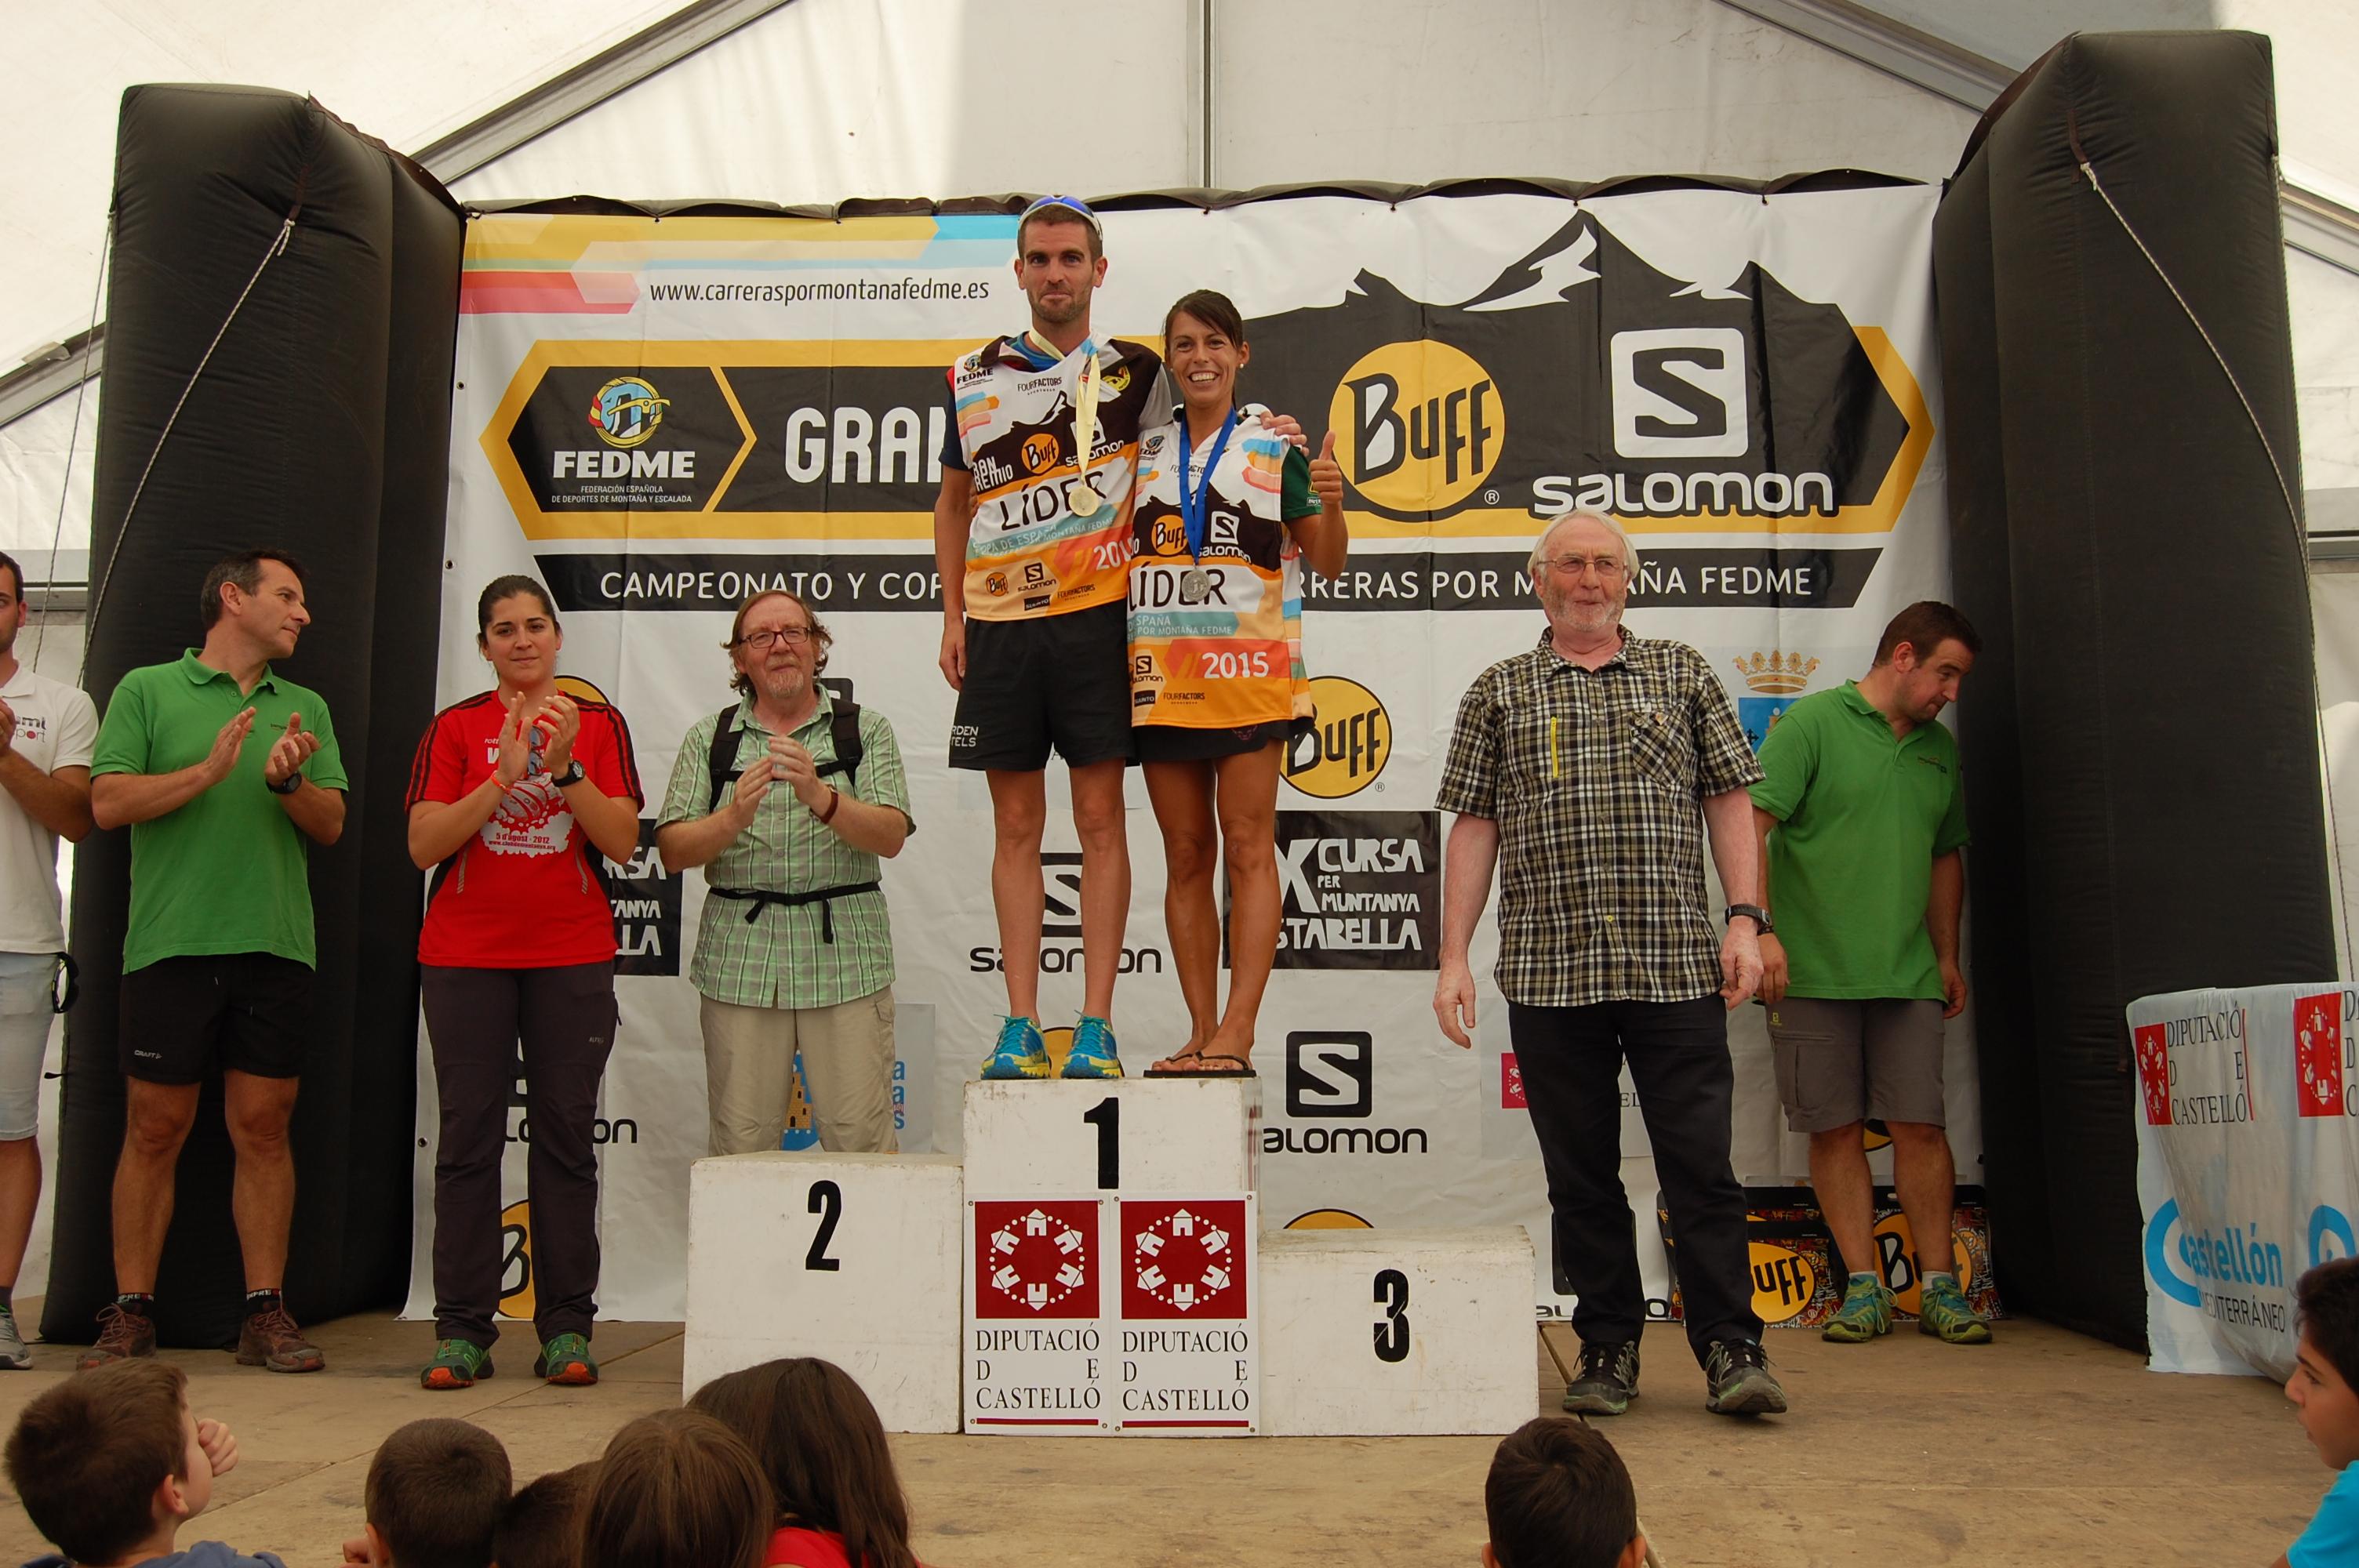 La Copa de España de Carreras por Montaña en Línea GP BUFF®-Salomon se decide en el Ricote Trail